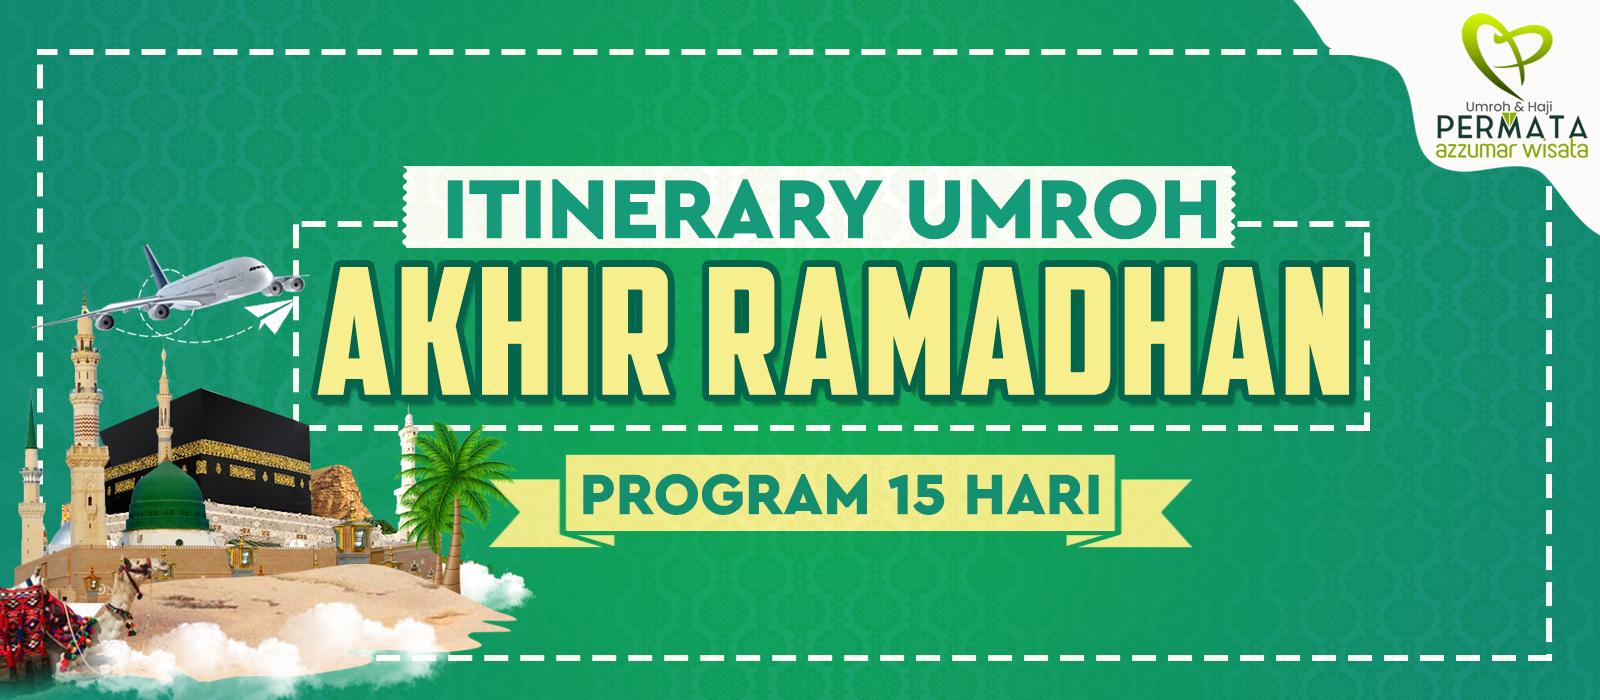 program itinerary umroh akhir ramadhan 15 hari 2020